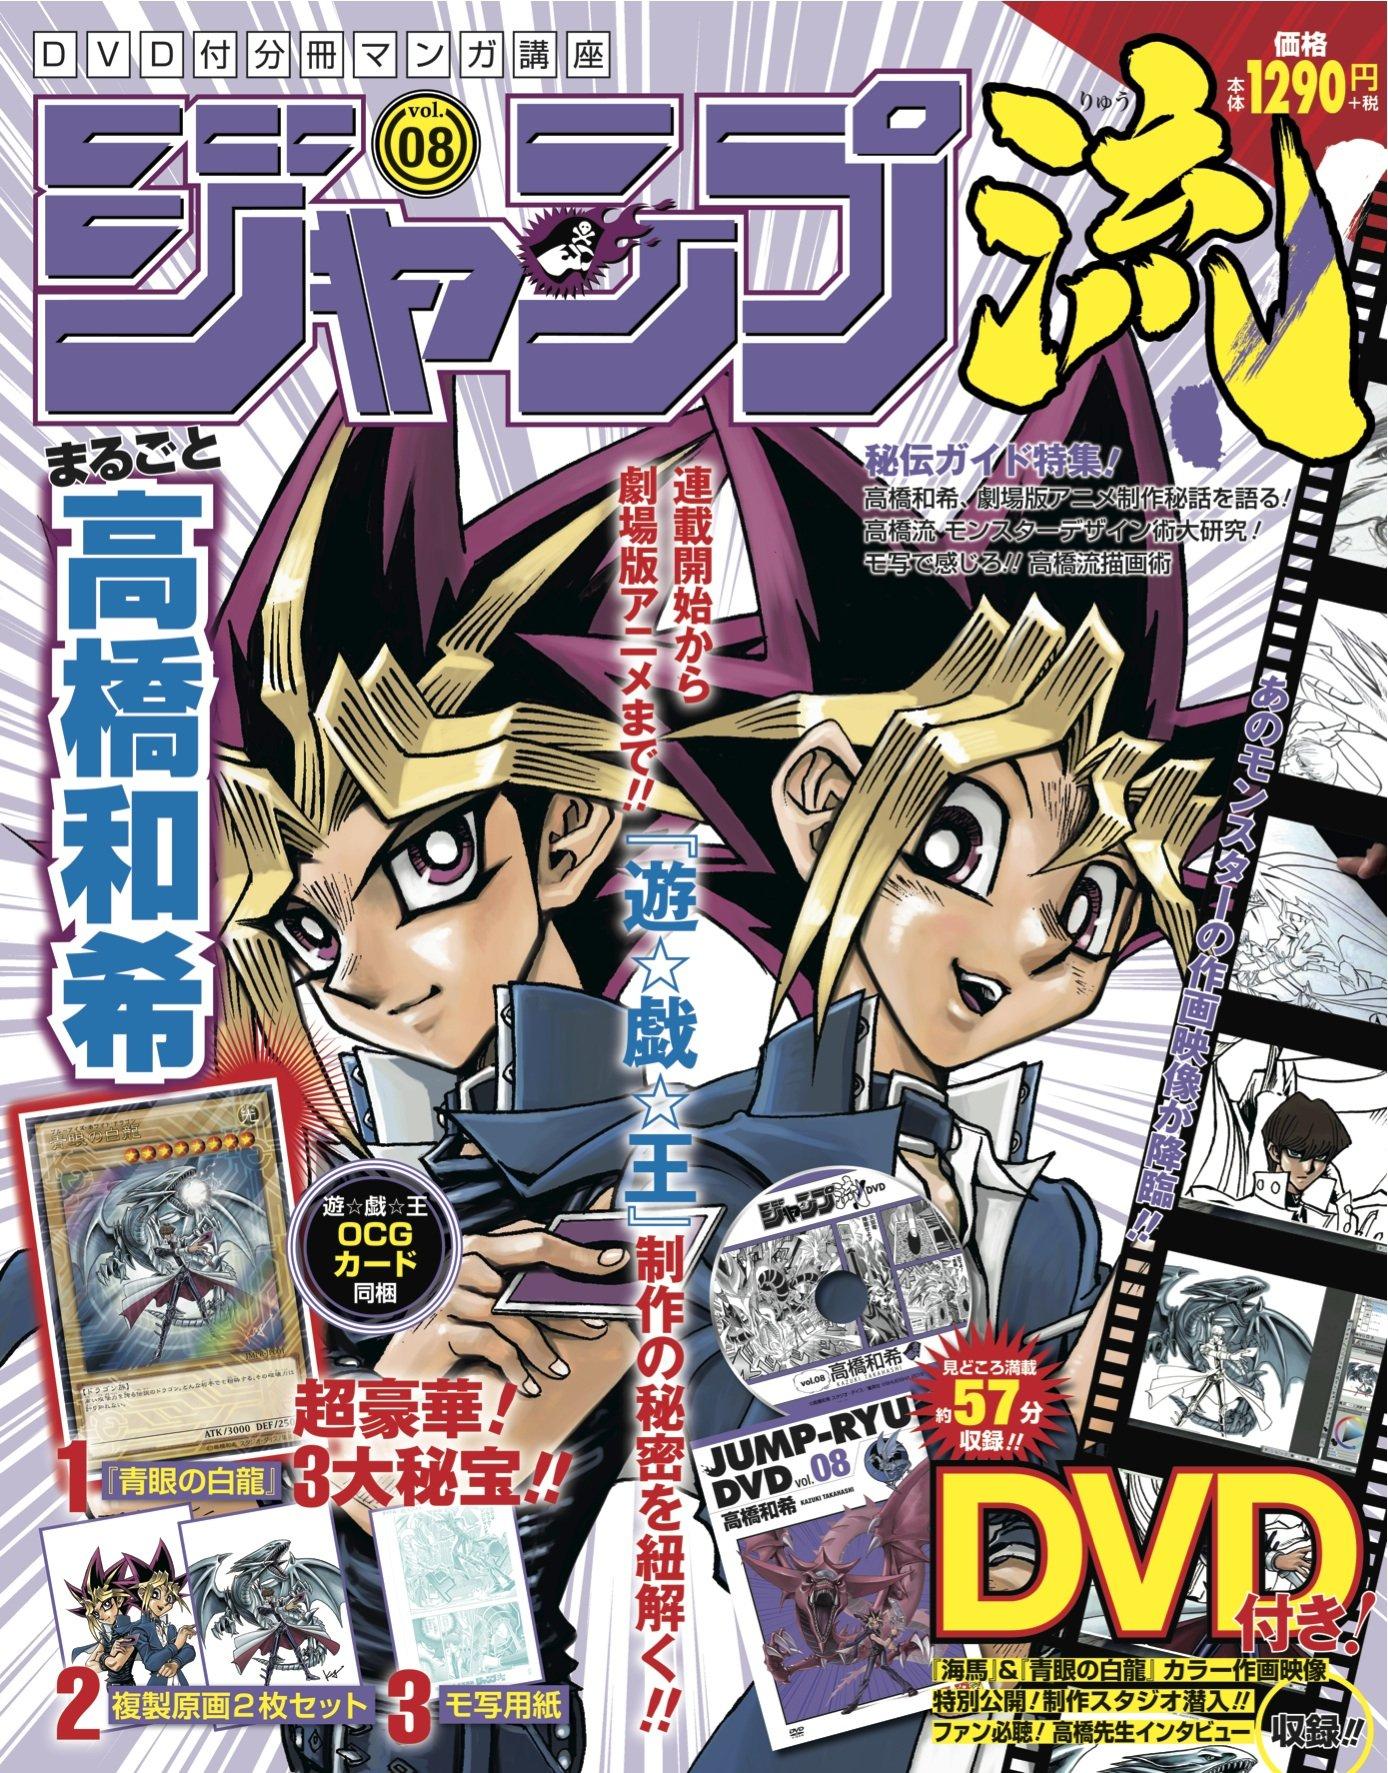 ジャンプ流! DVD付分冊マンガ講座 8巻